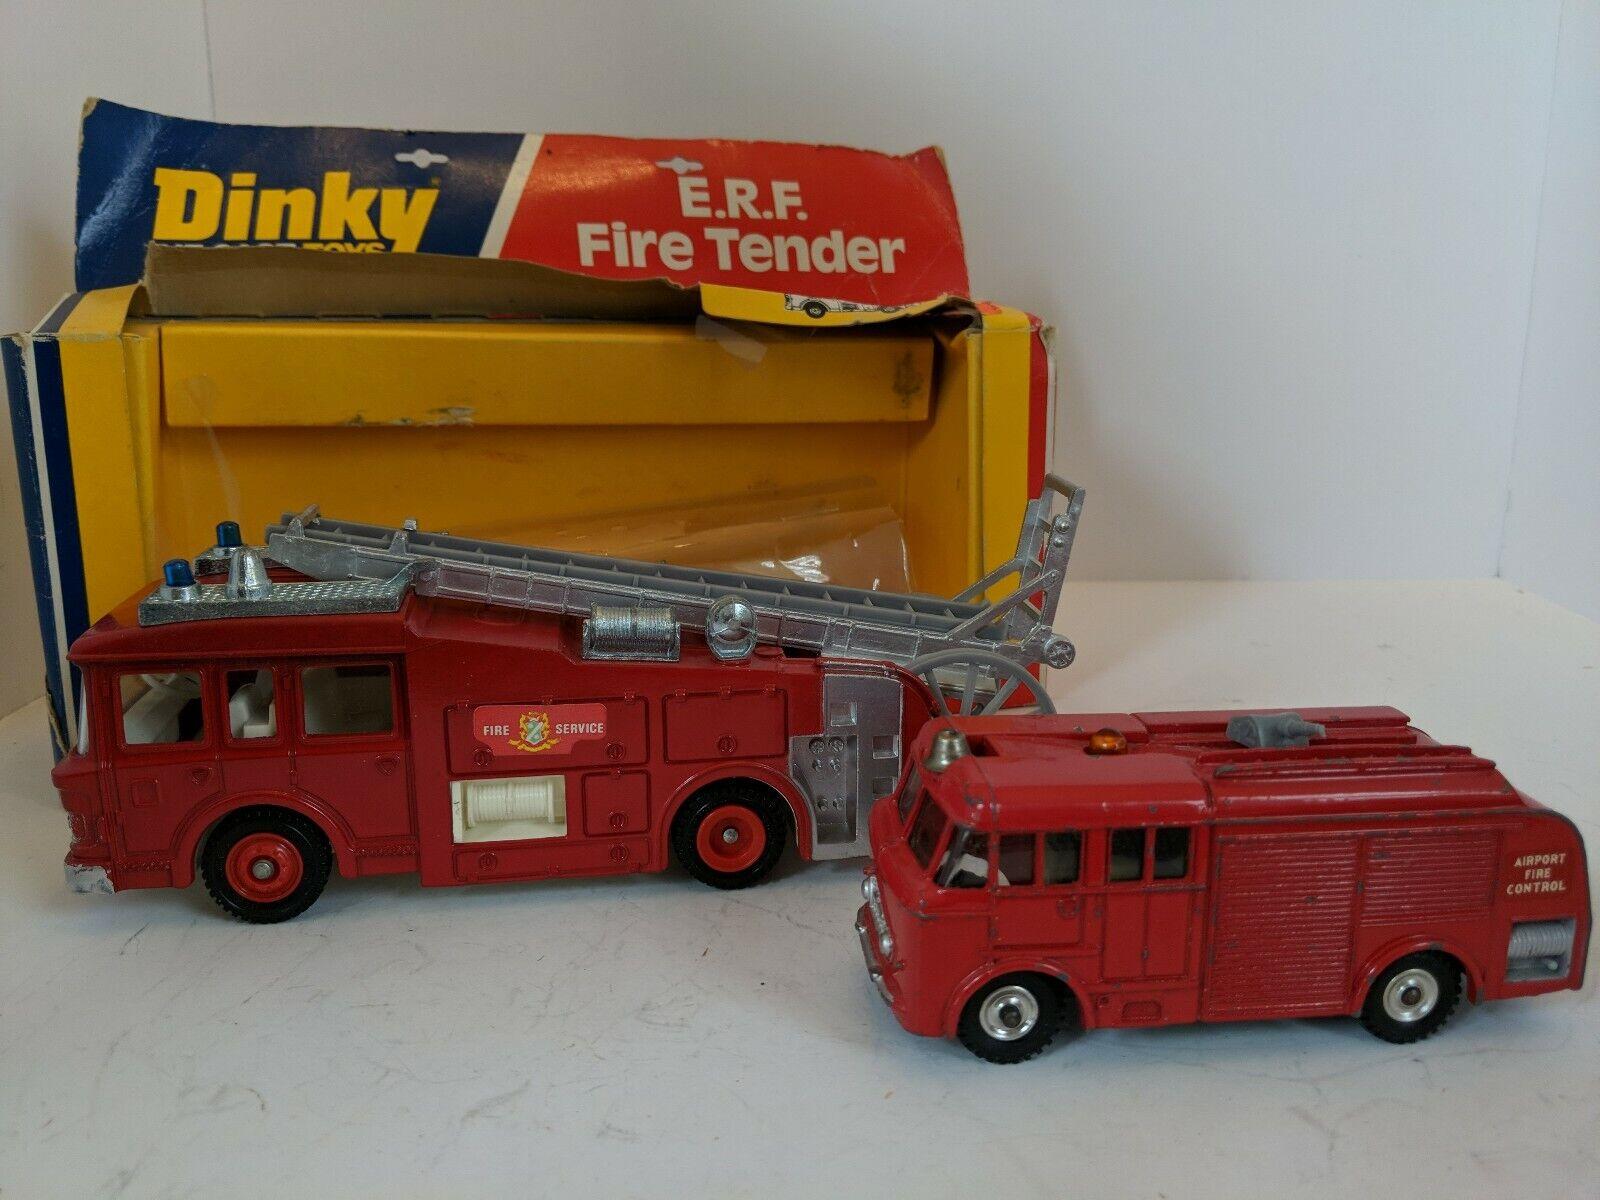 Dinky Lot of 2, Fire Trucks, 266 ERF Fire Tender, 276 Airport Fire Tender